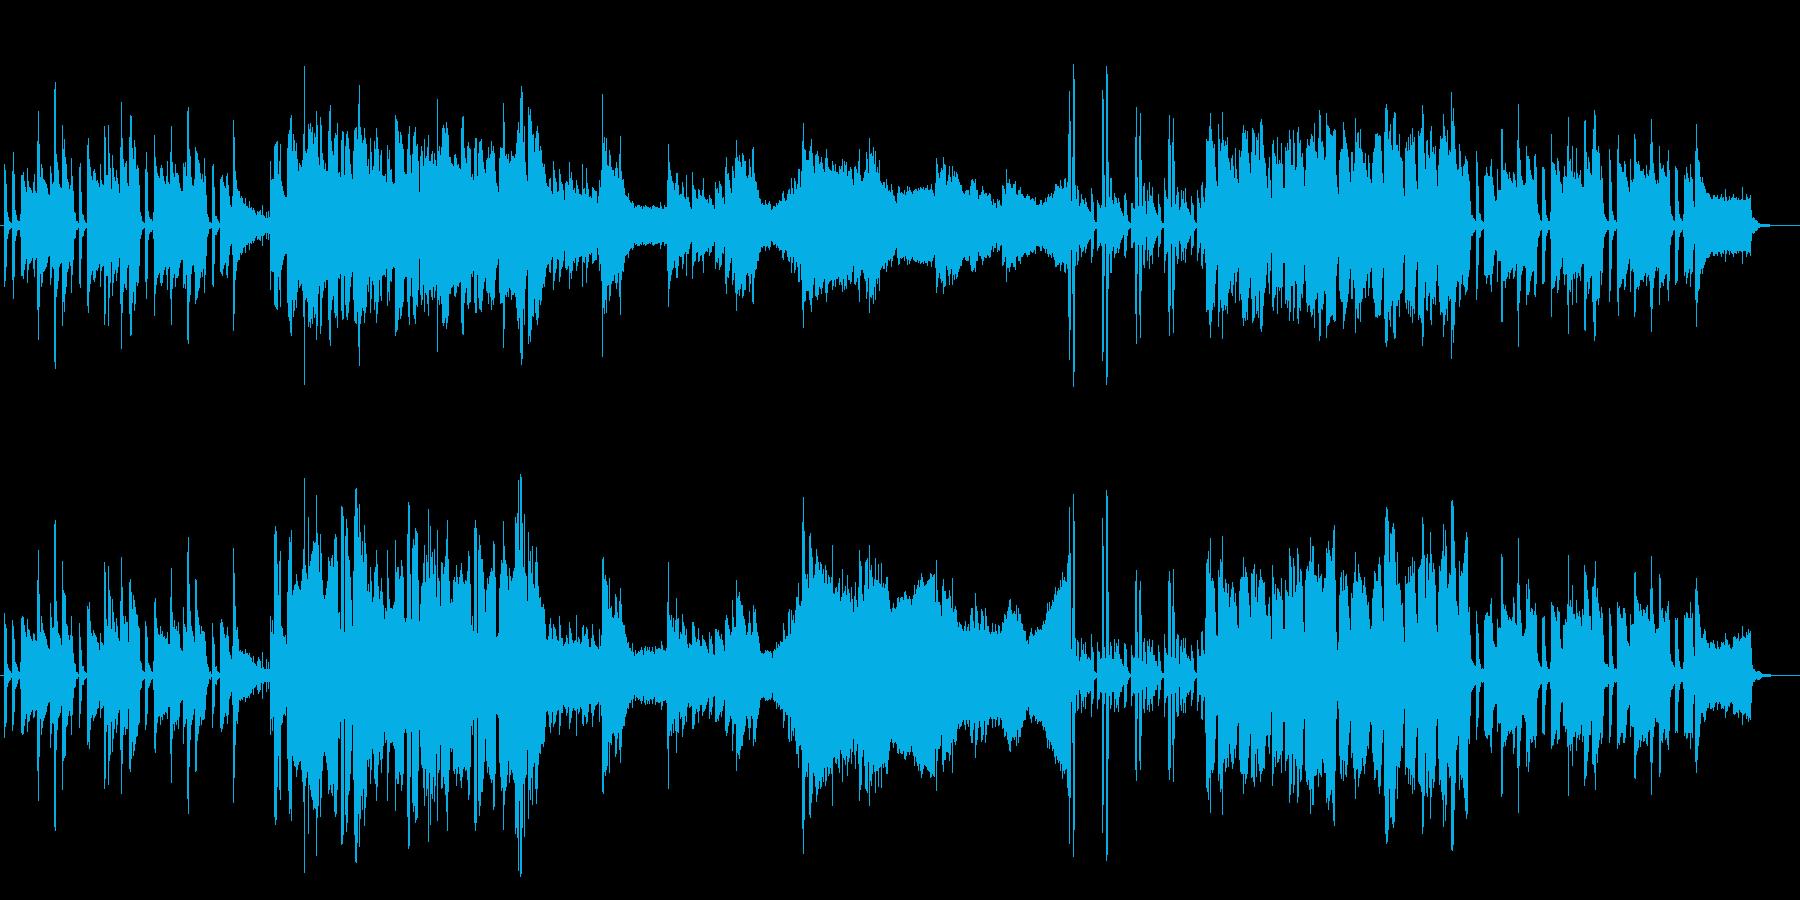 【BGM】穏やかな日常-ギター&オーボエの再生済みの波形